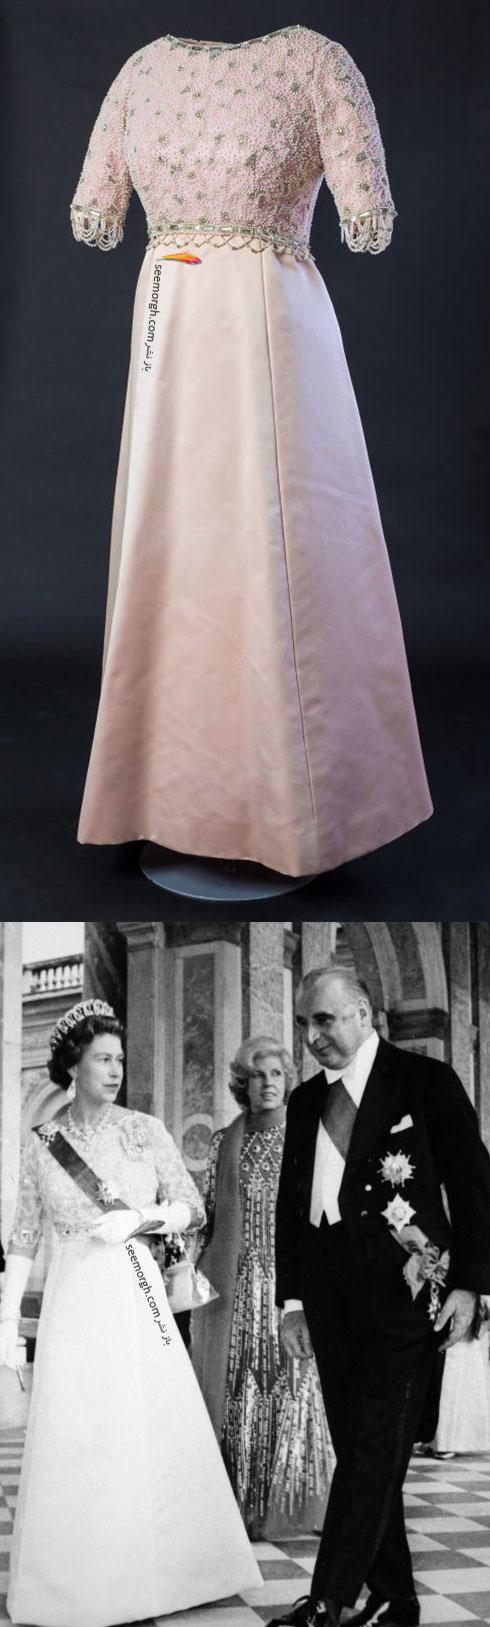 پیراهن ملکه الیزابت از کمپانی هاردی آمیس Hardy Amies